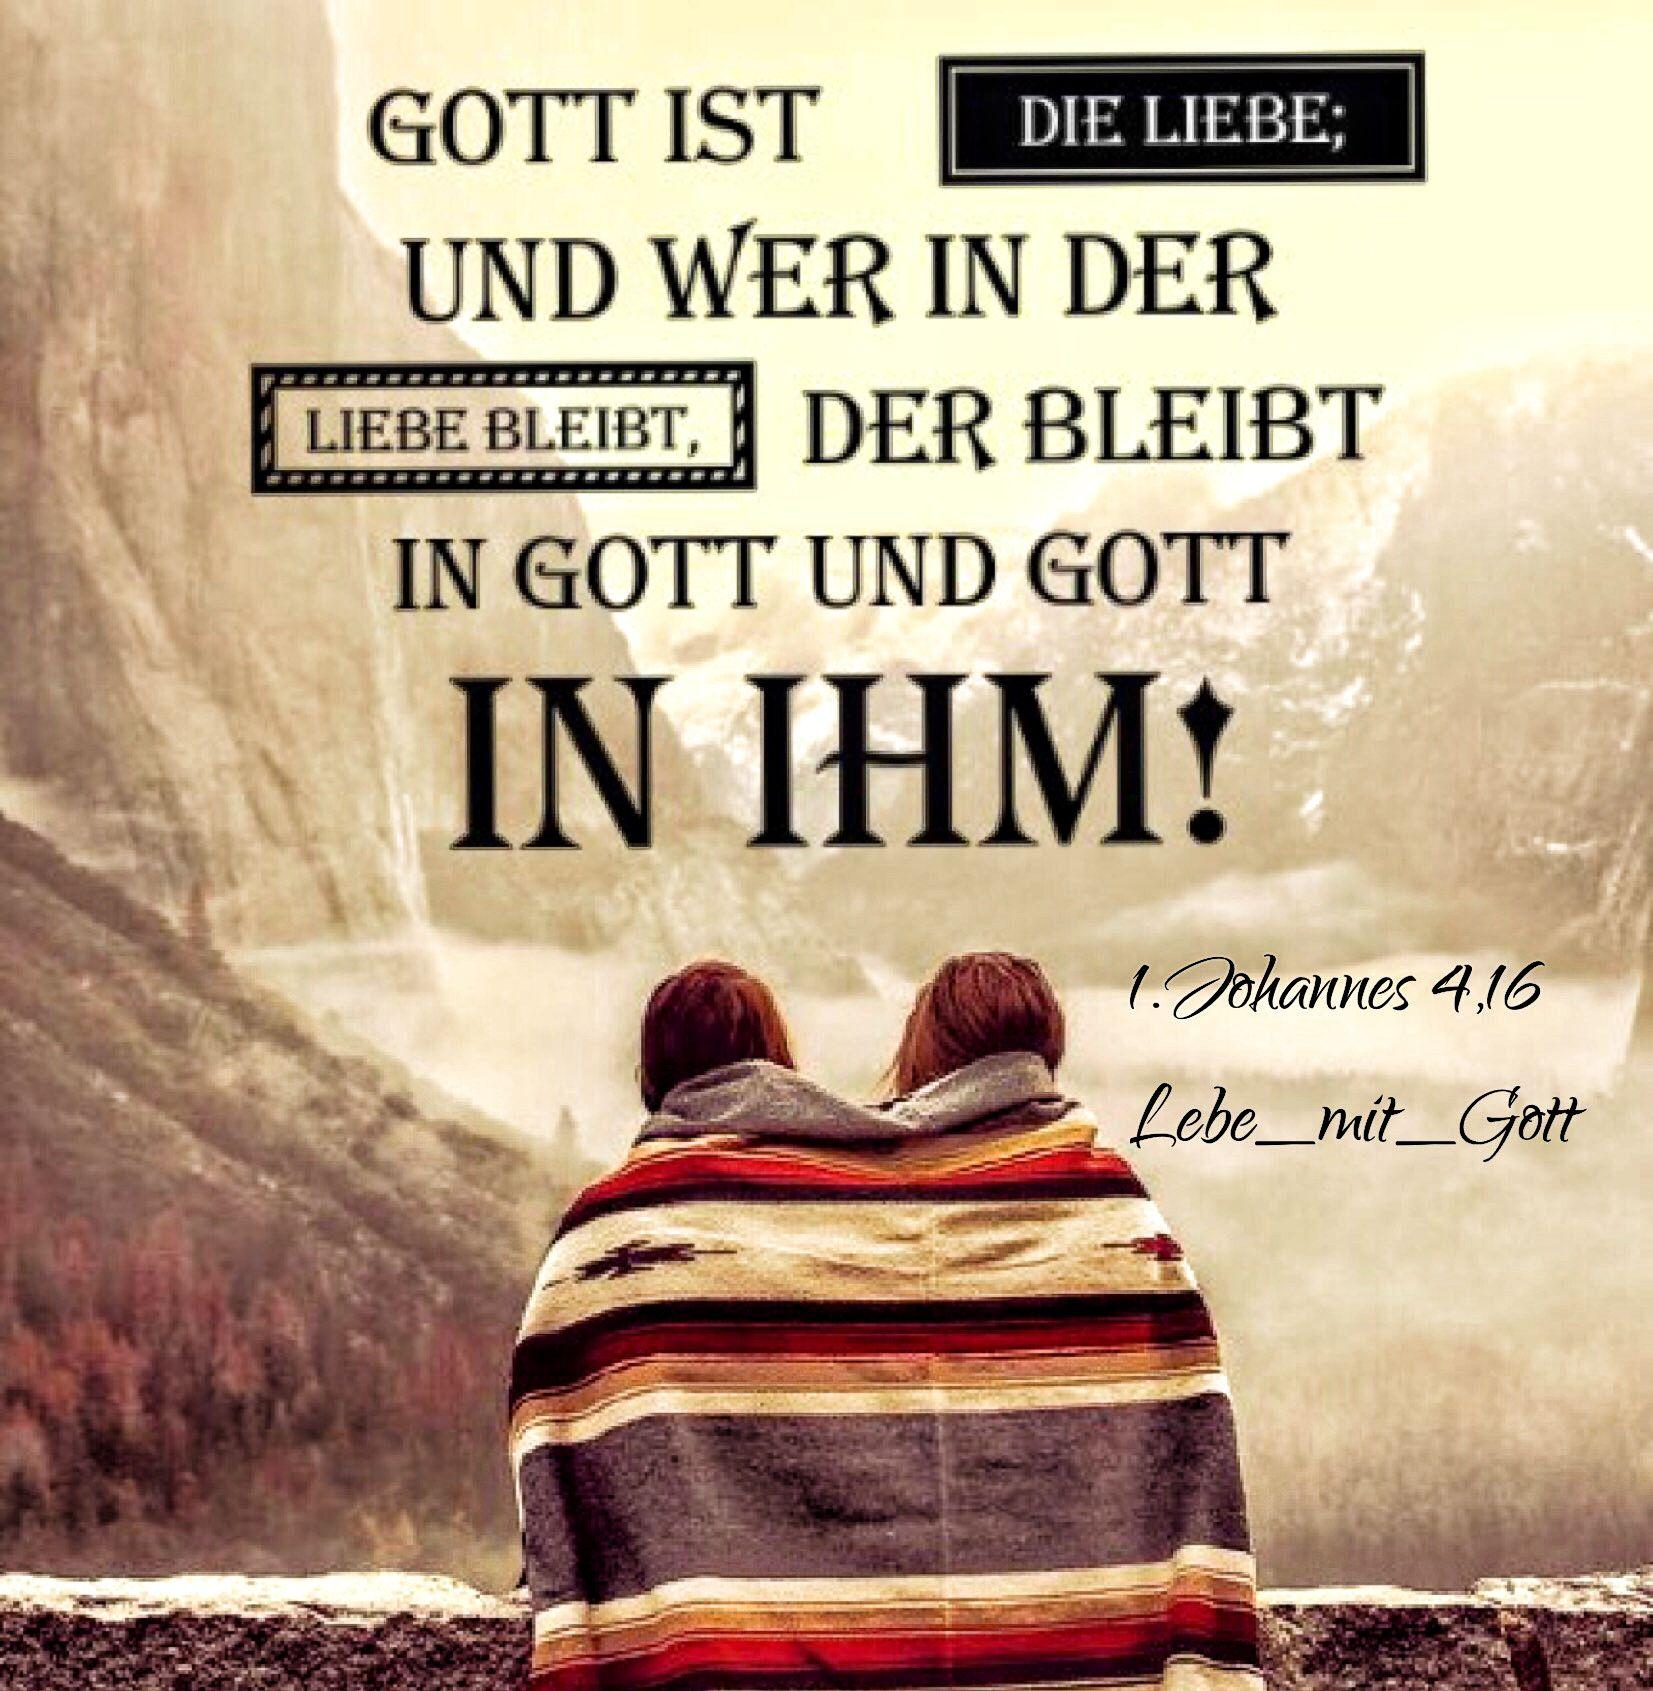 Gott Ist Liebe Und Wer In Der Liebe Bleibt